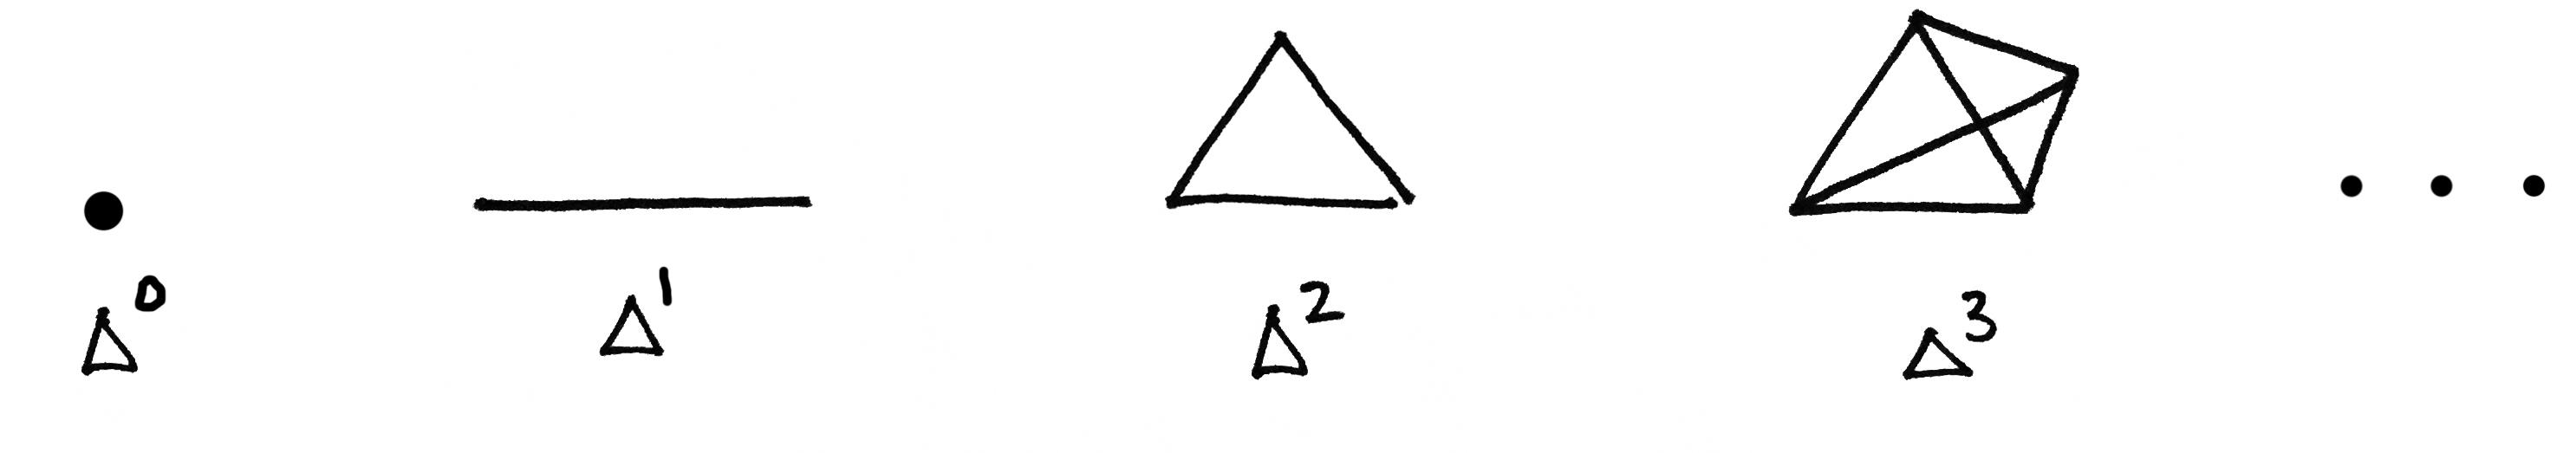 http://www.math3ma.com/